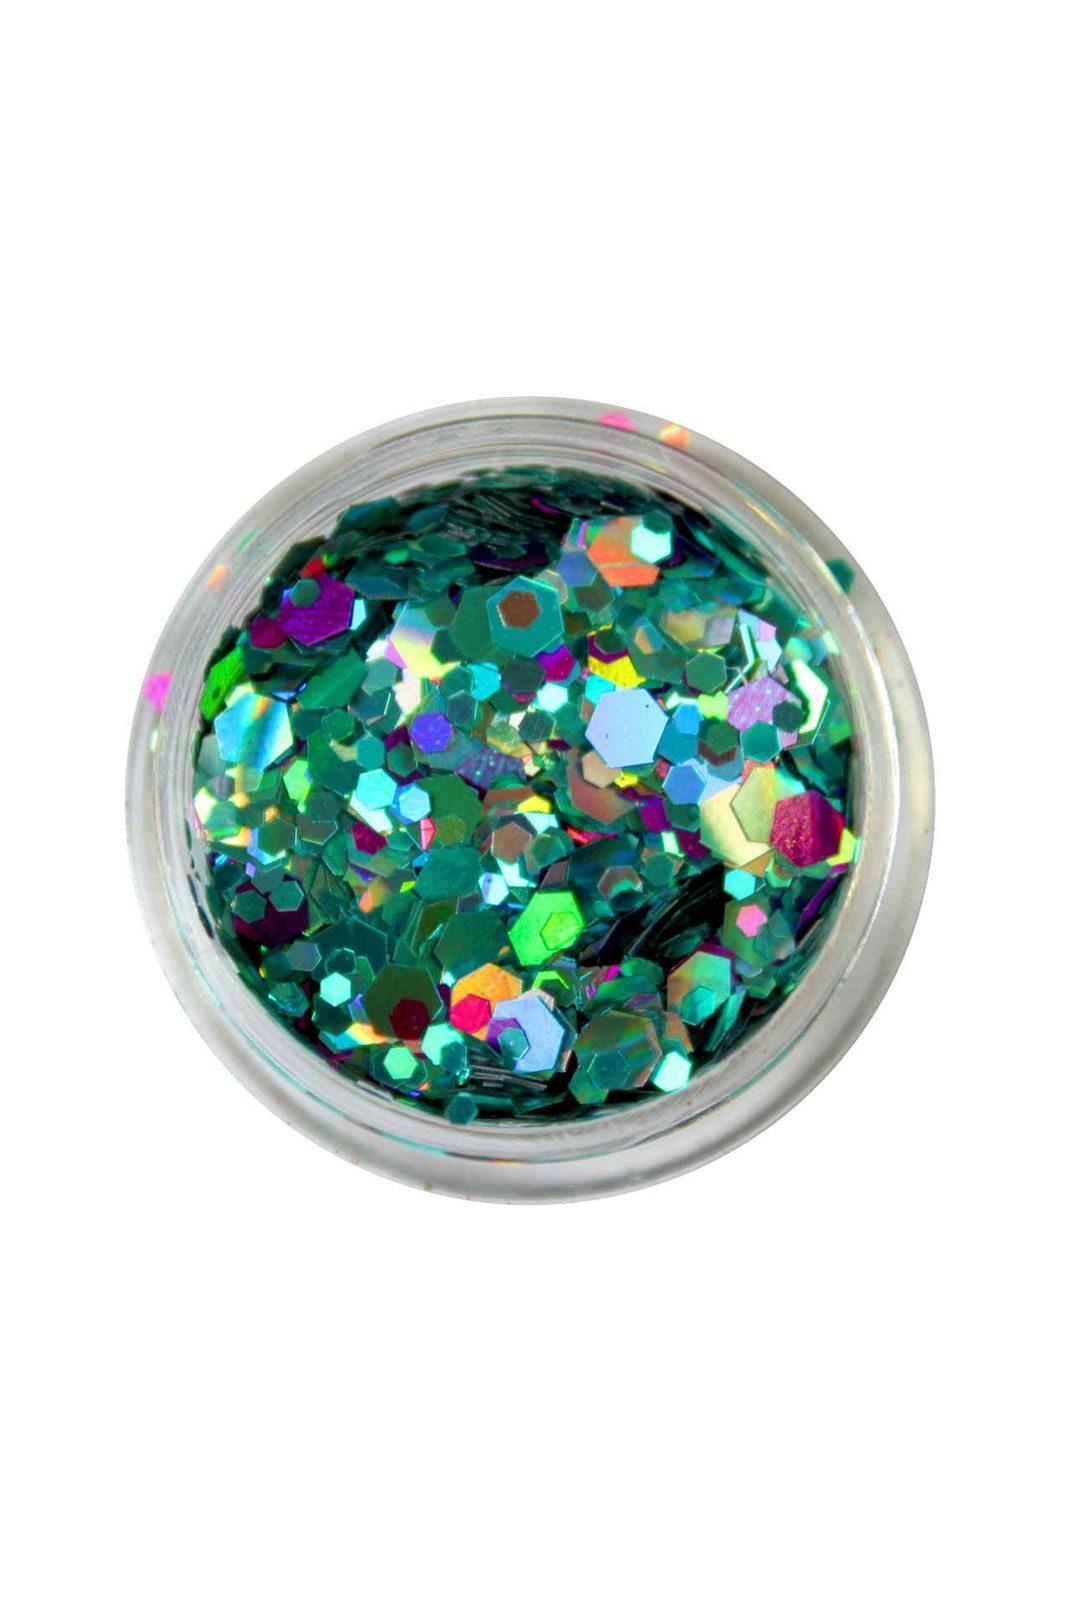 Mermoon Glitter